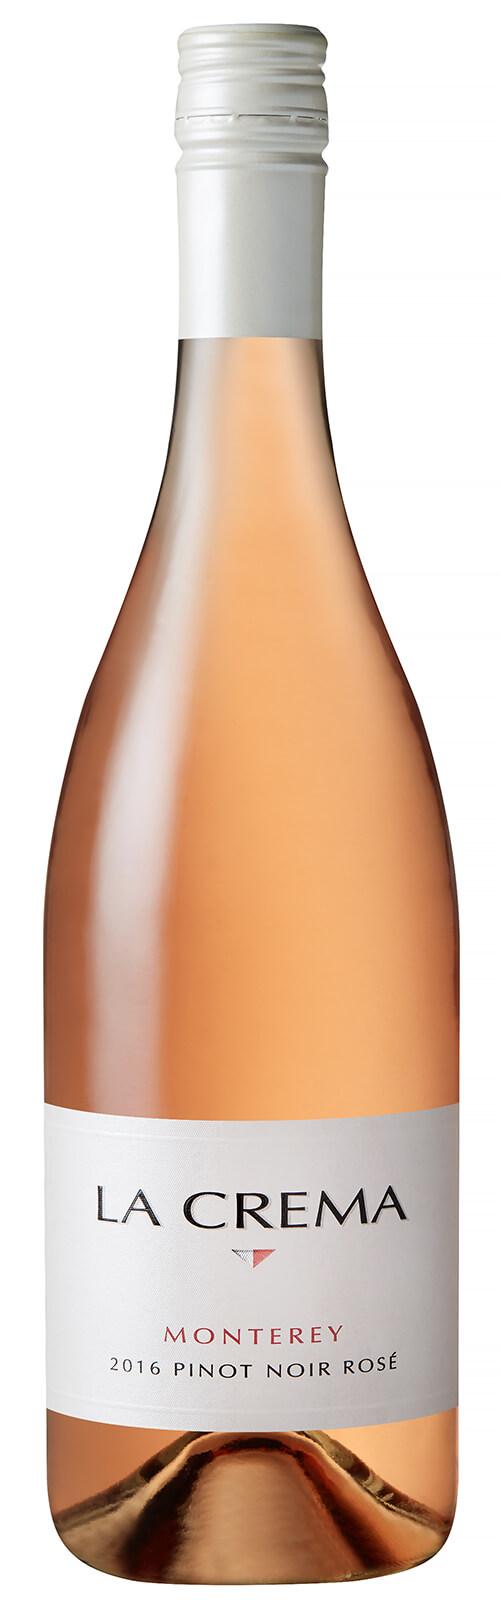 2016 Monterey Pinot Noir Rosé